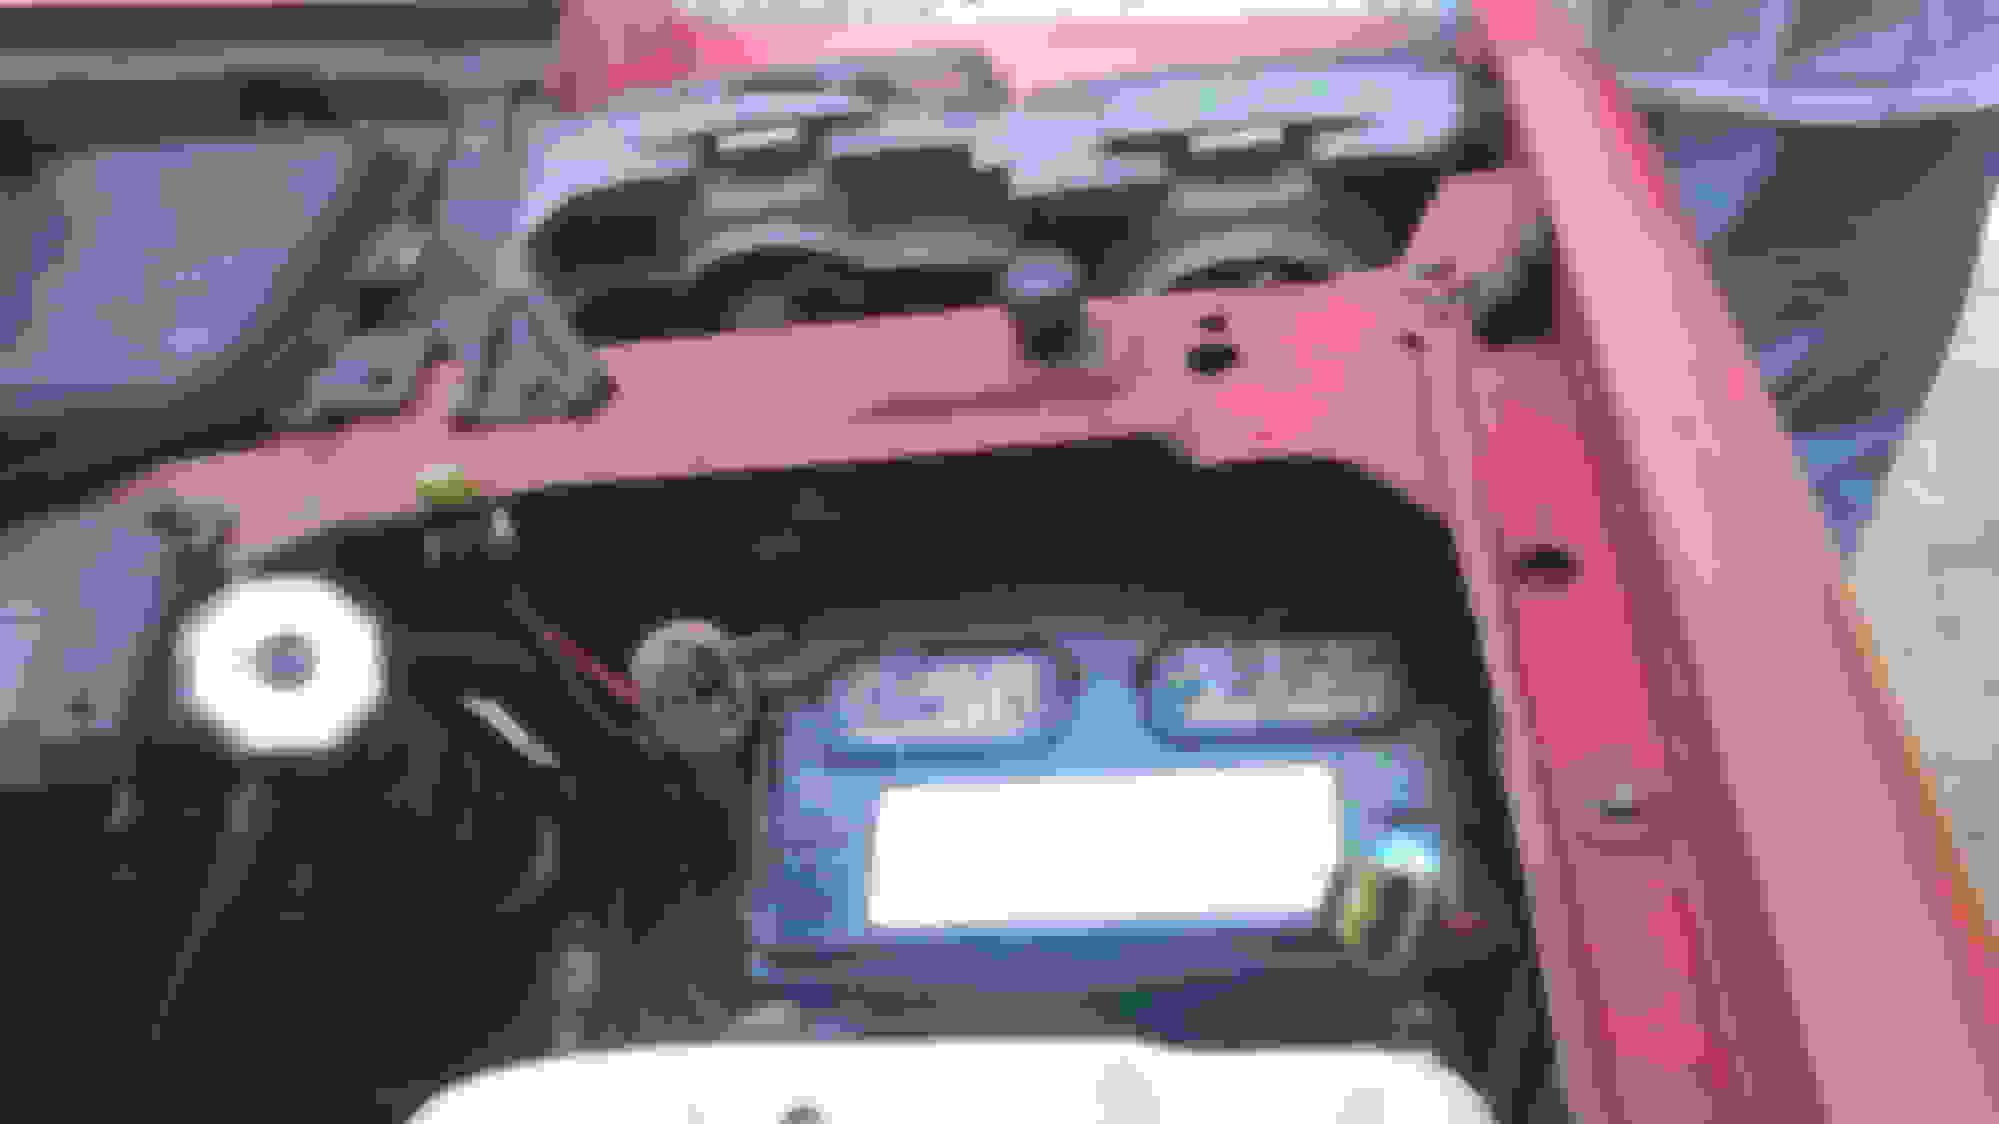 93 Gmc Sierra Fuel Pump Wiring Thread 1993 Gmc No Voltage To